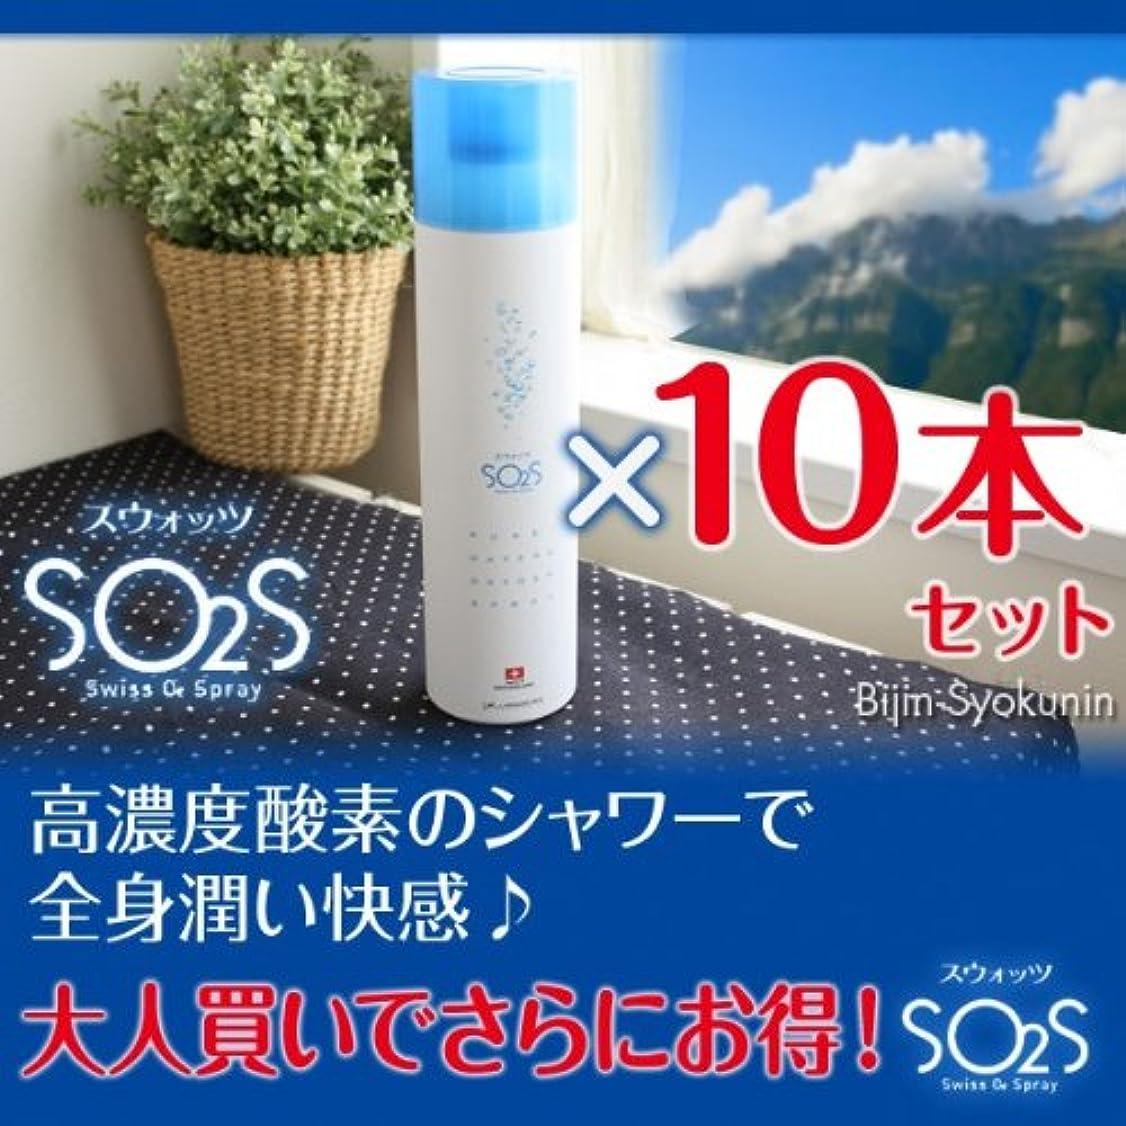 アジア政府ポップスウォッツ (300ml) 10本セット【SO2S】